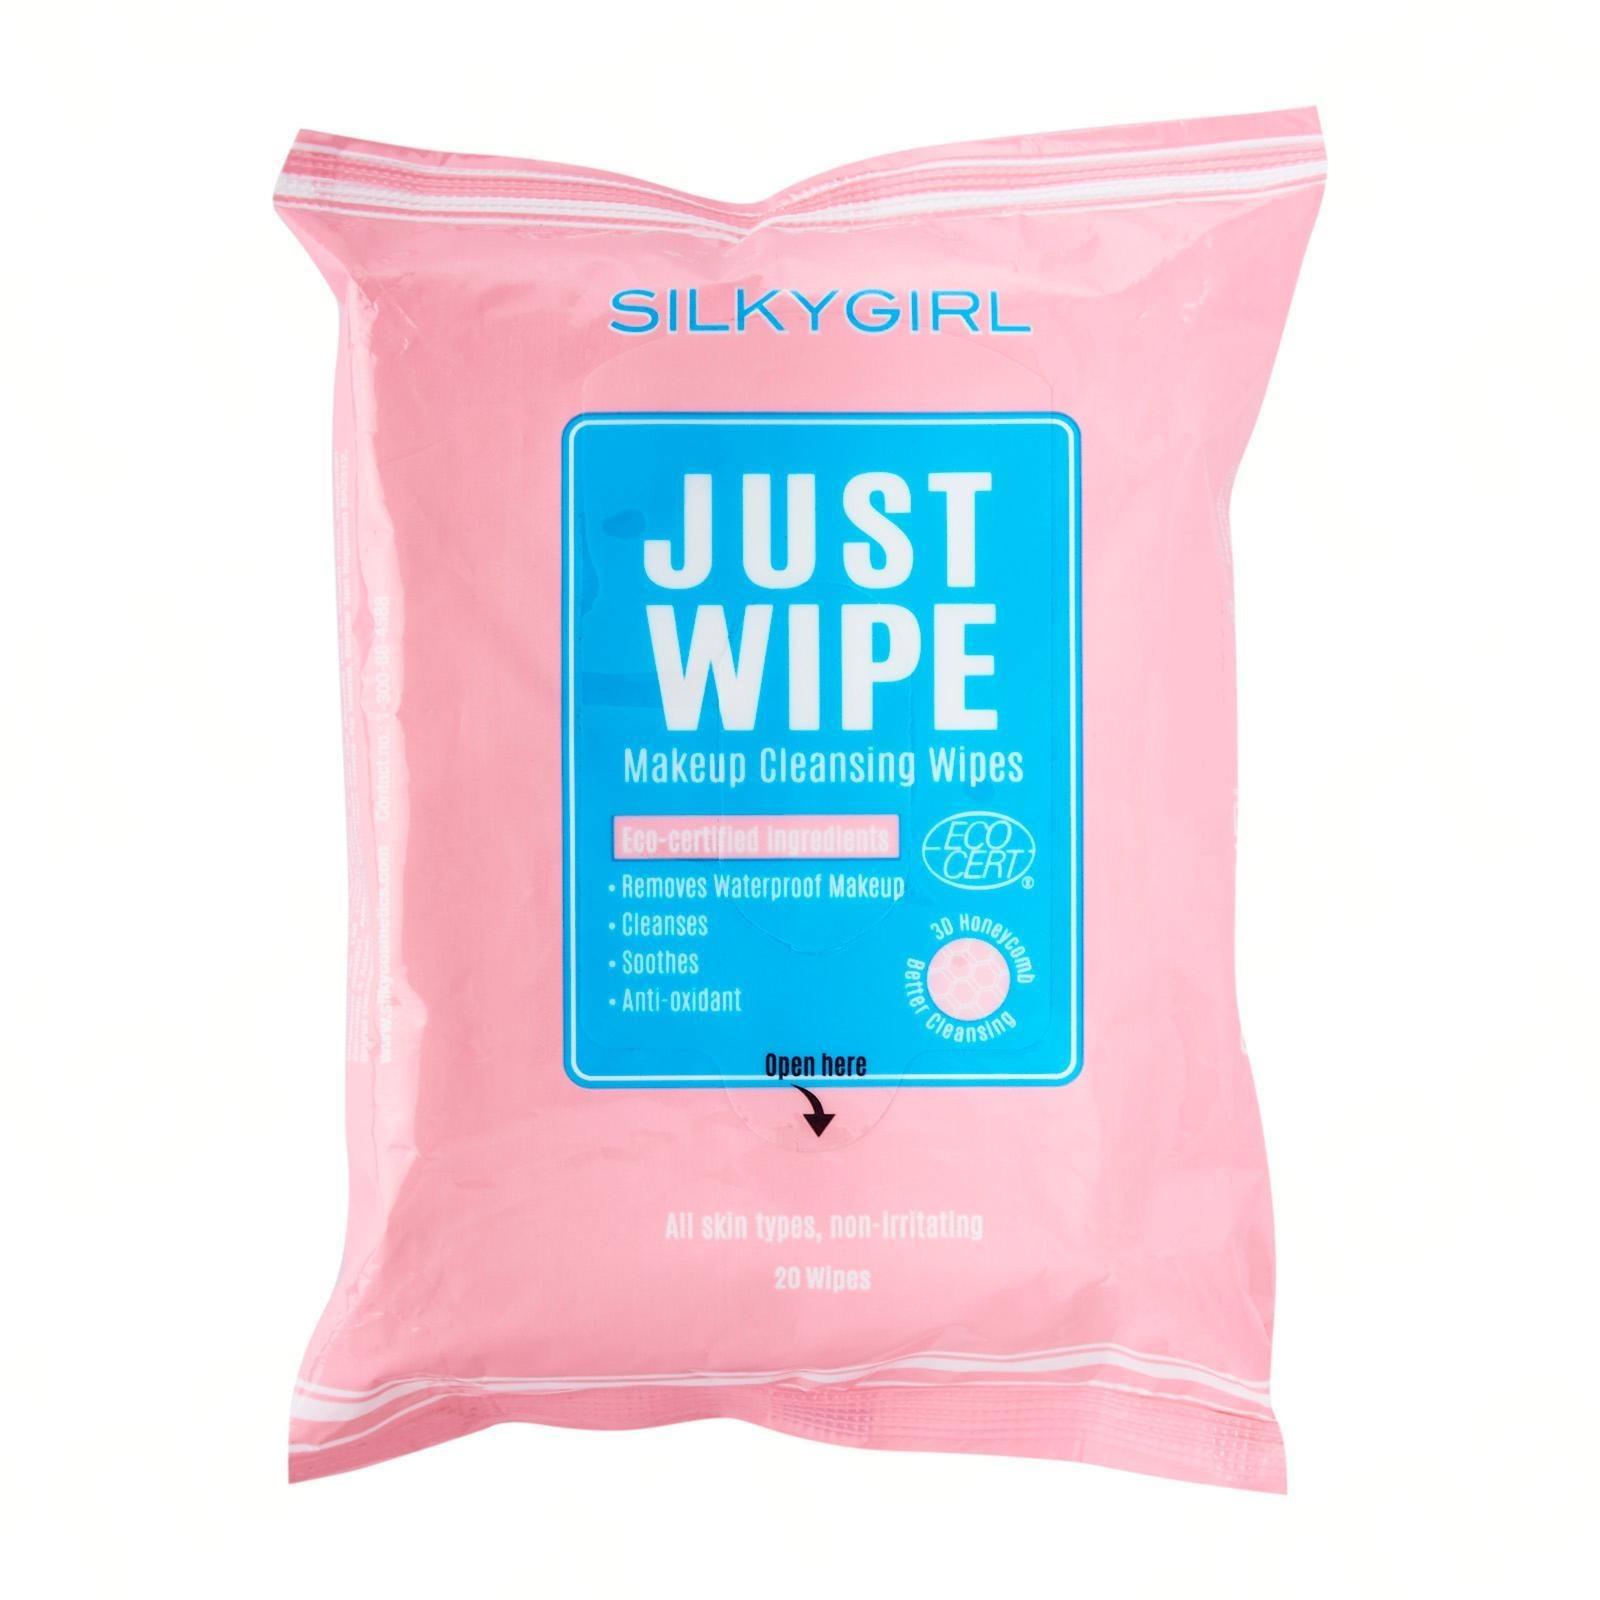 SILKYGIRL JUST WIPE MAKEUP CLEANSING WIPES (20 wipes)